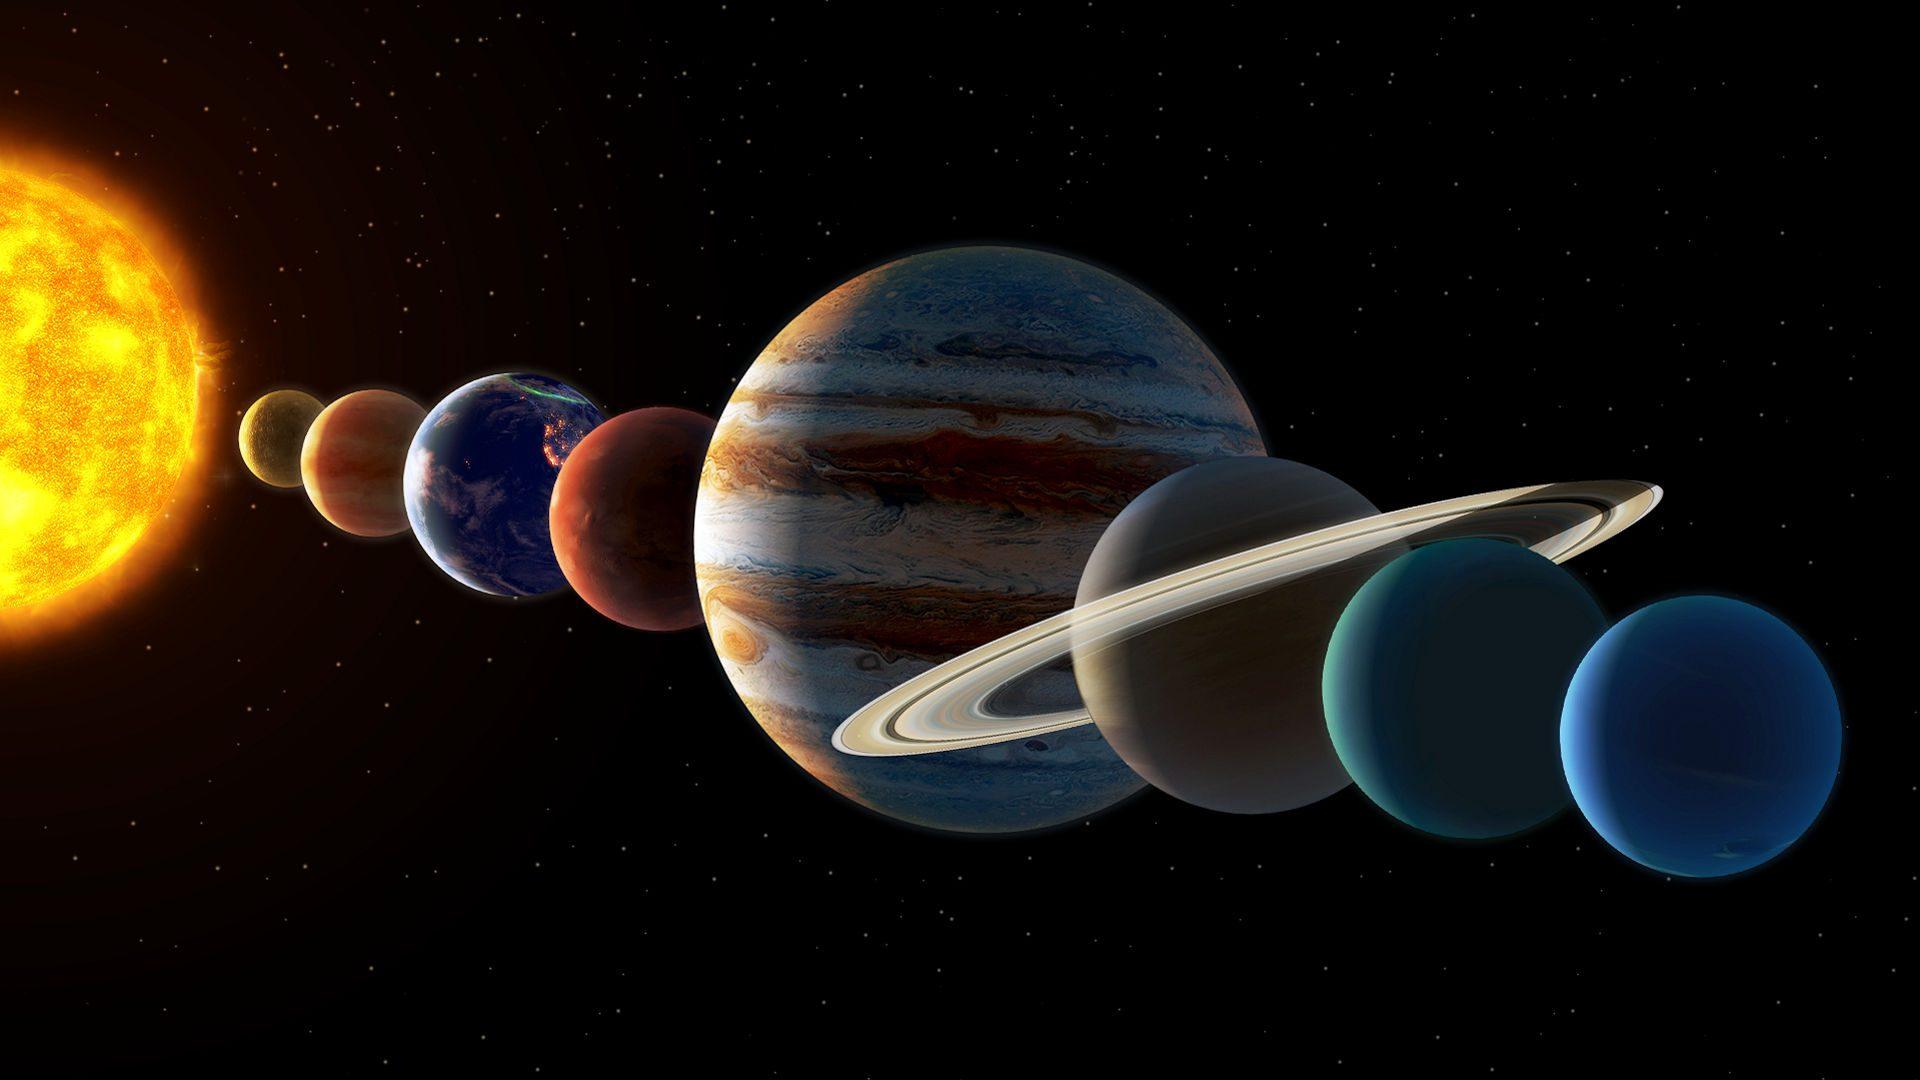 Sfilata di 6 pianeti: un evento raro nei cieli di fine luglio